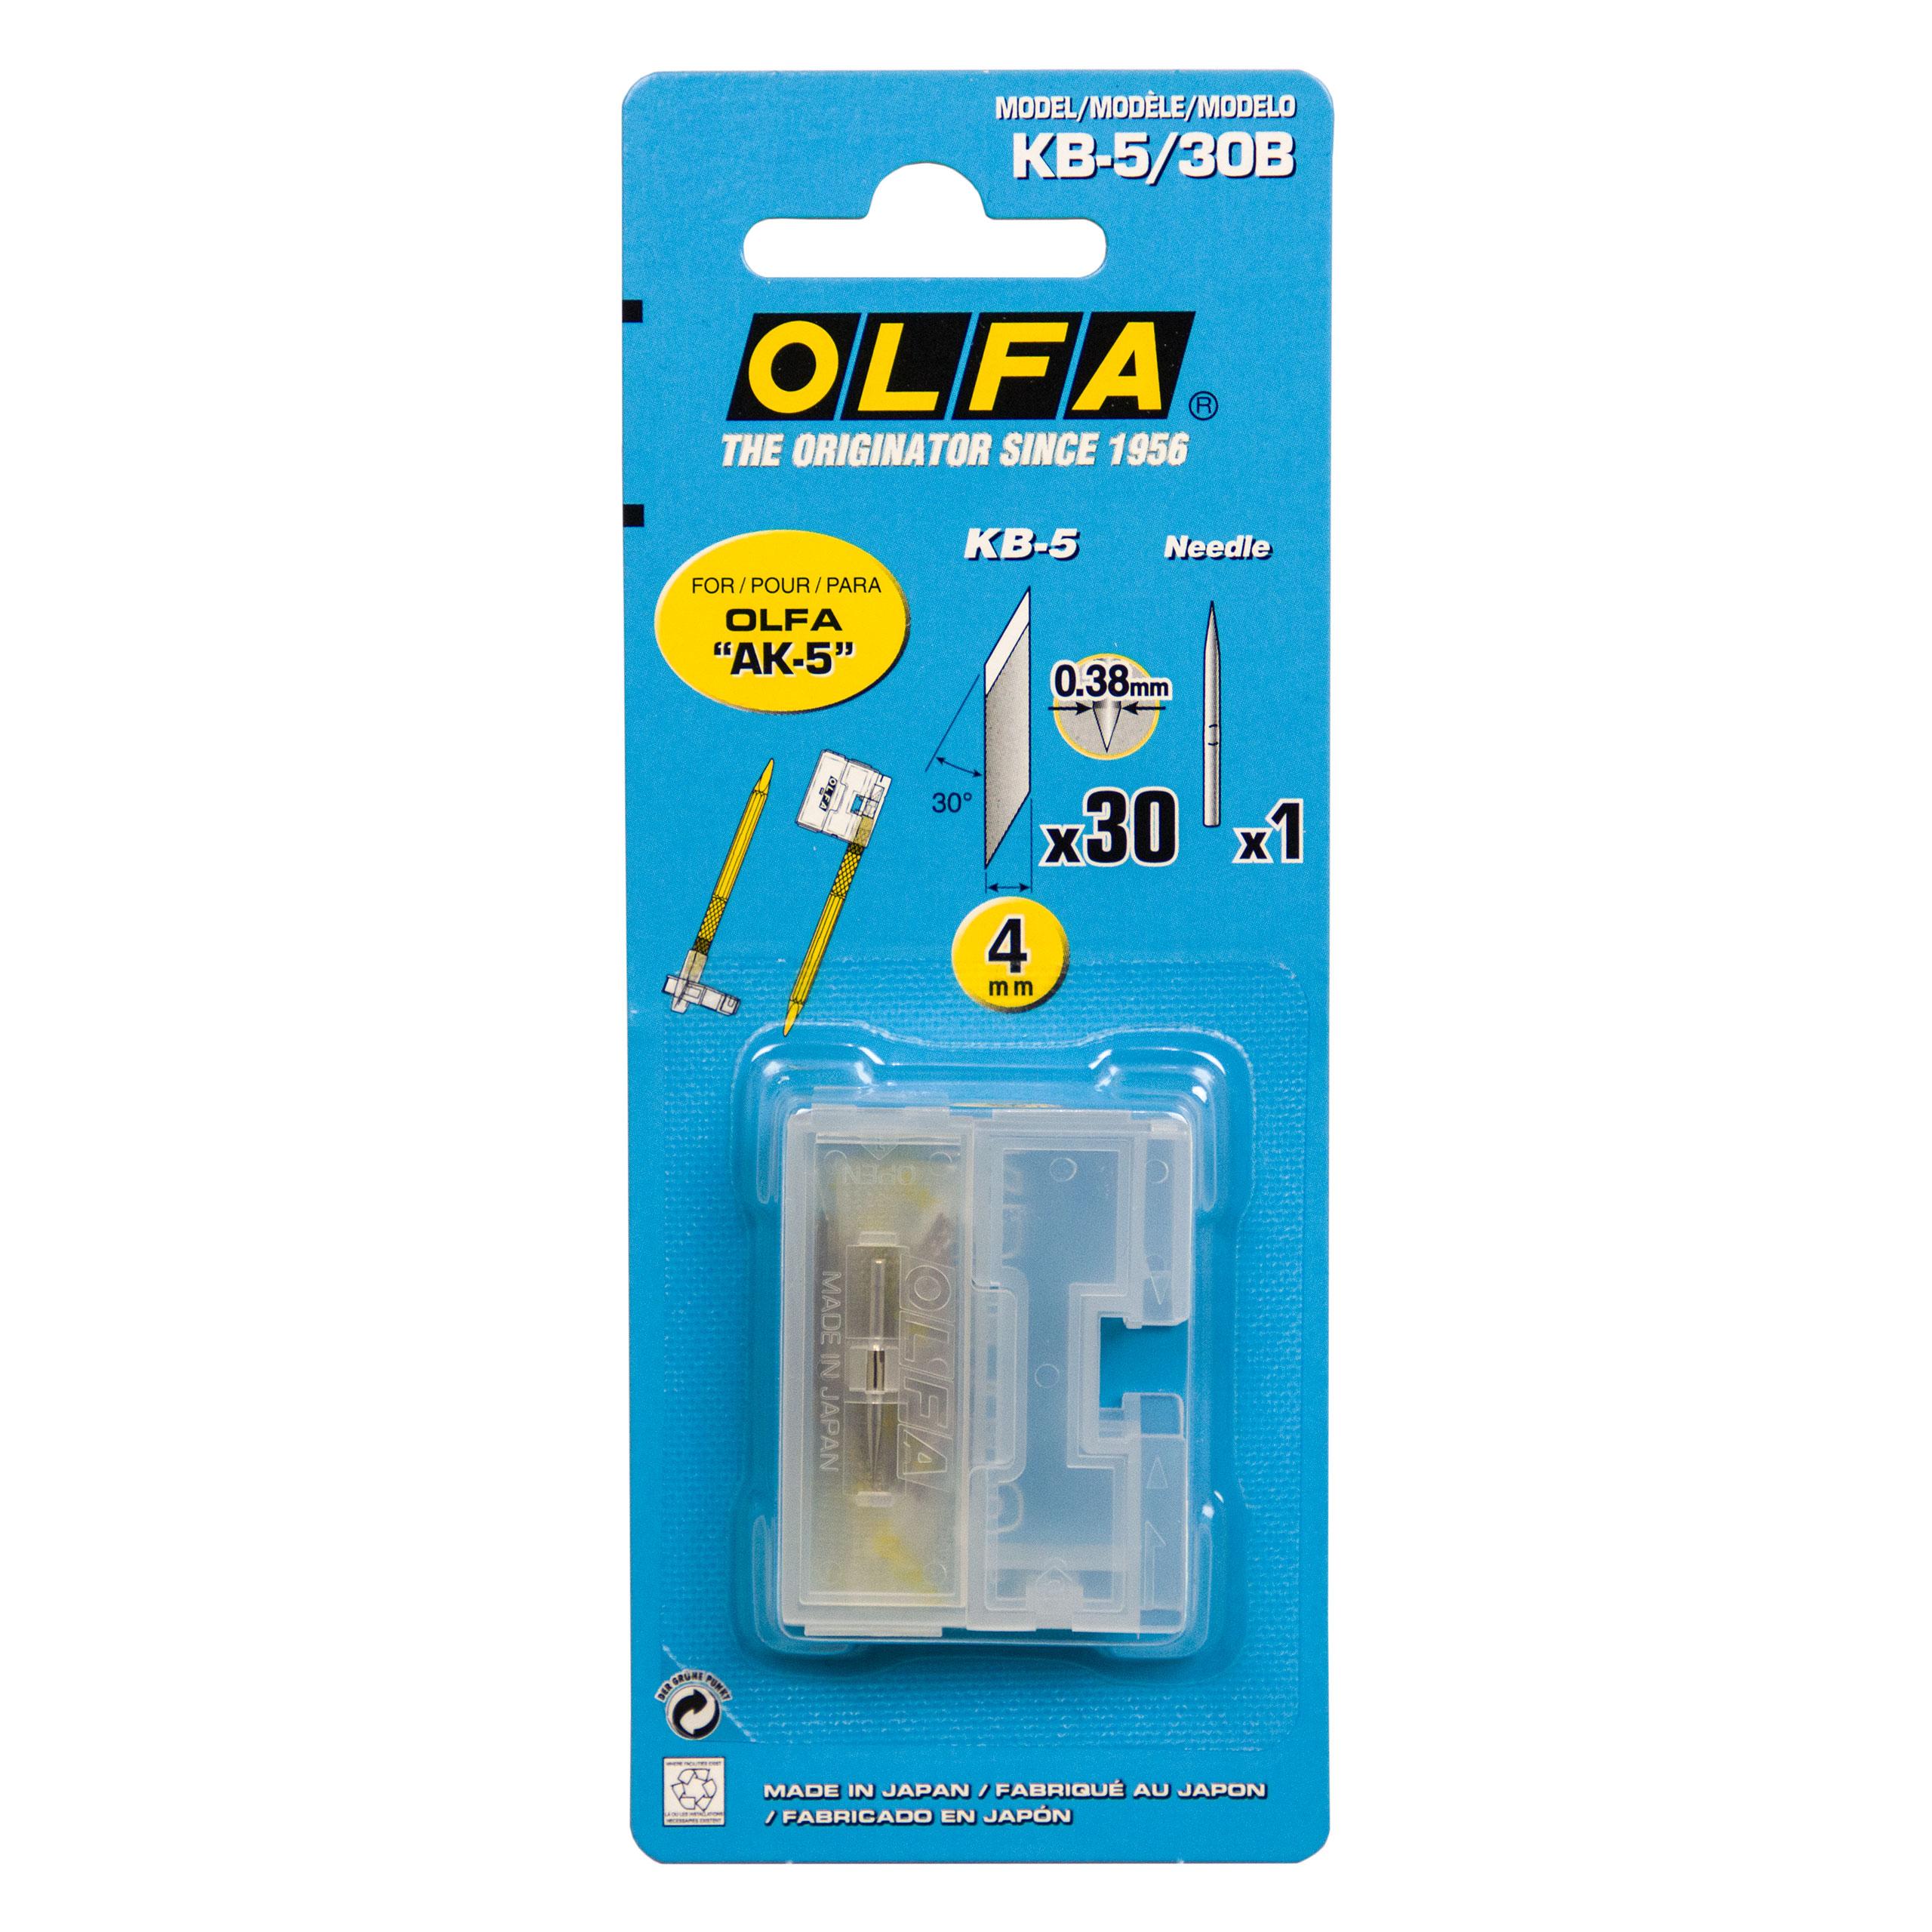 Olfa Ersatzklingen KB-5 bestehend aus 30 Klingen